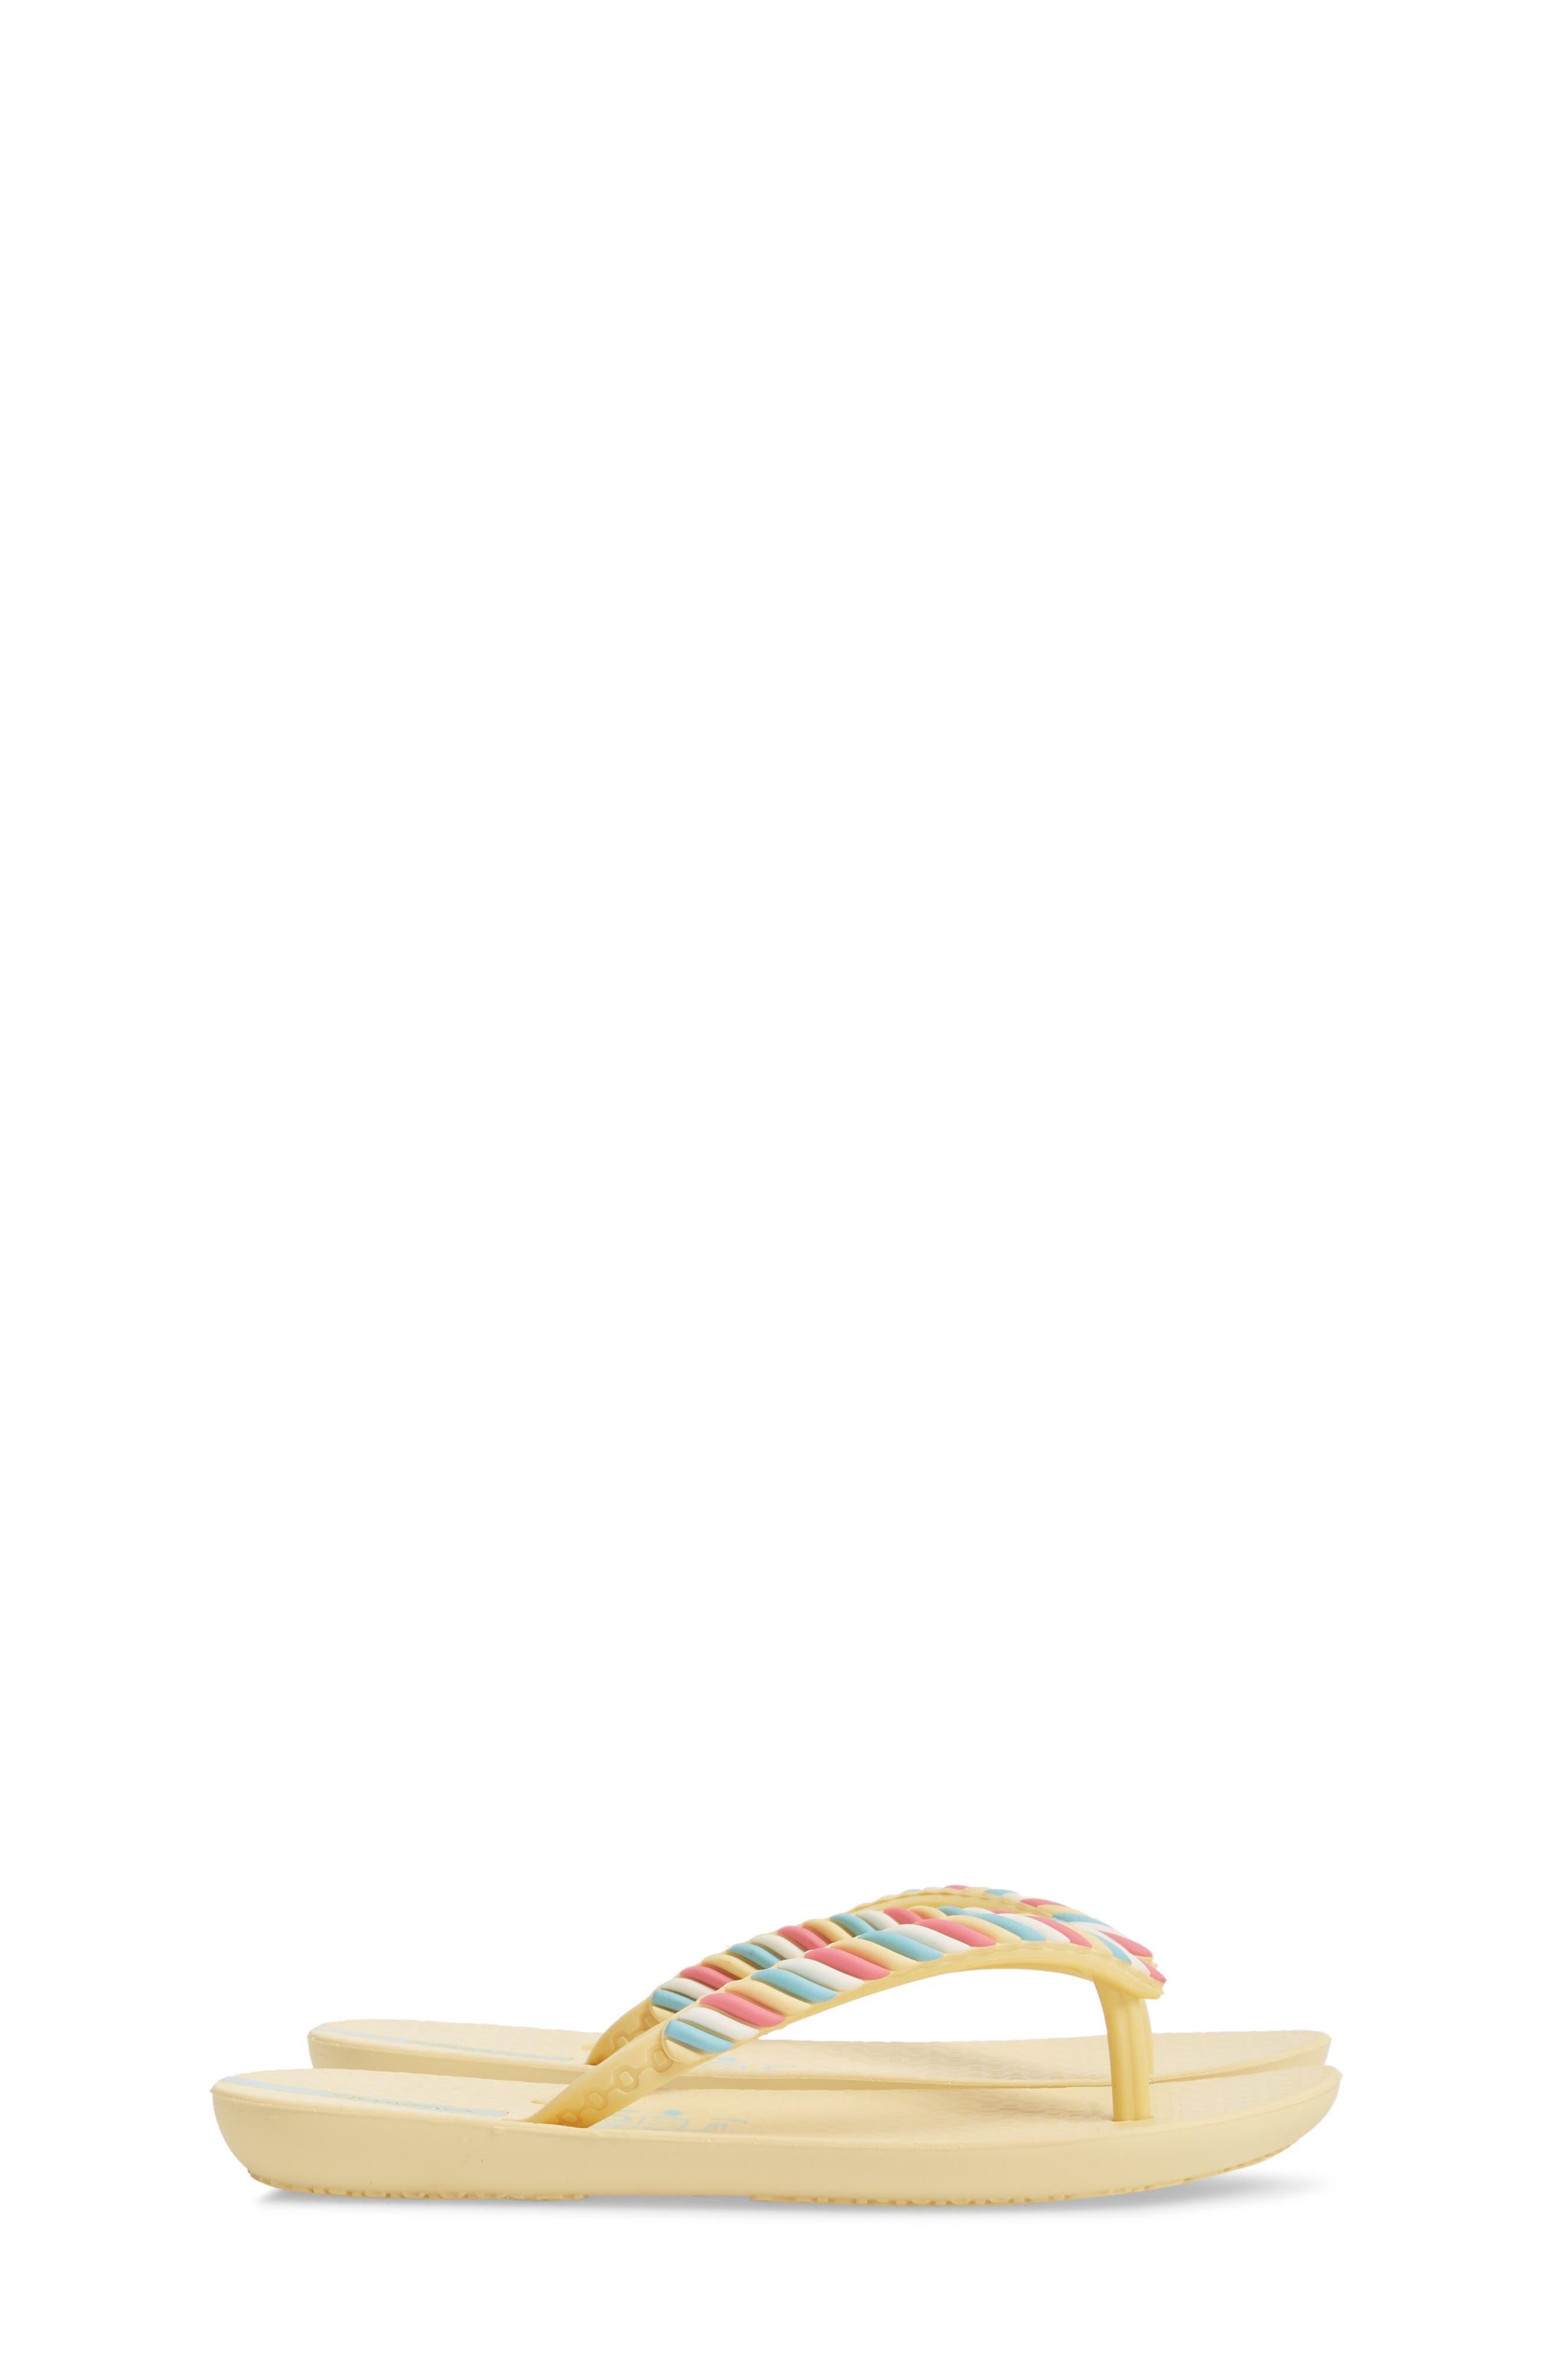 Candy Kids Flip Flop,                             Alternate thumbnail 8, color,